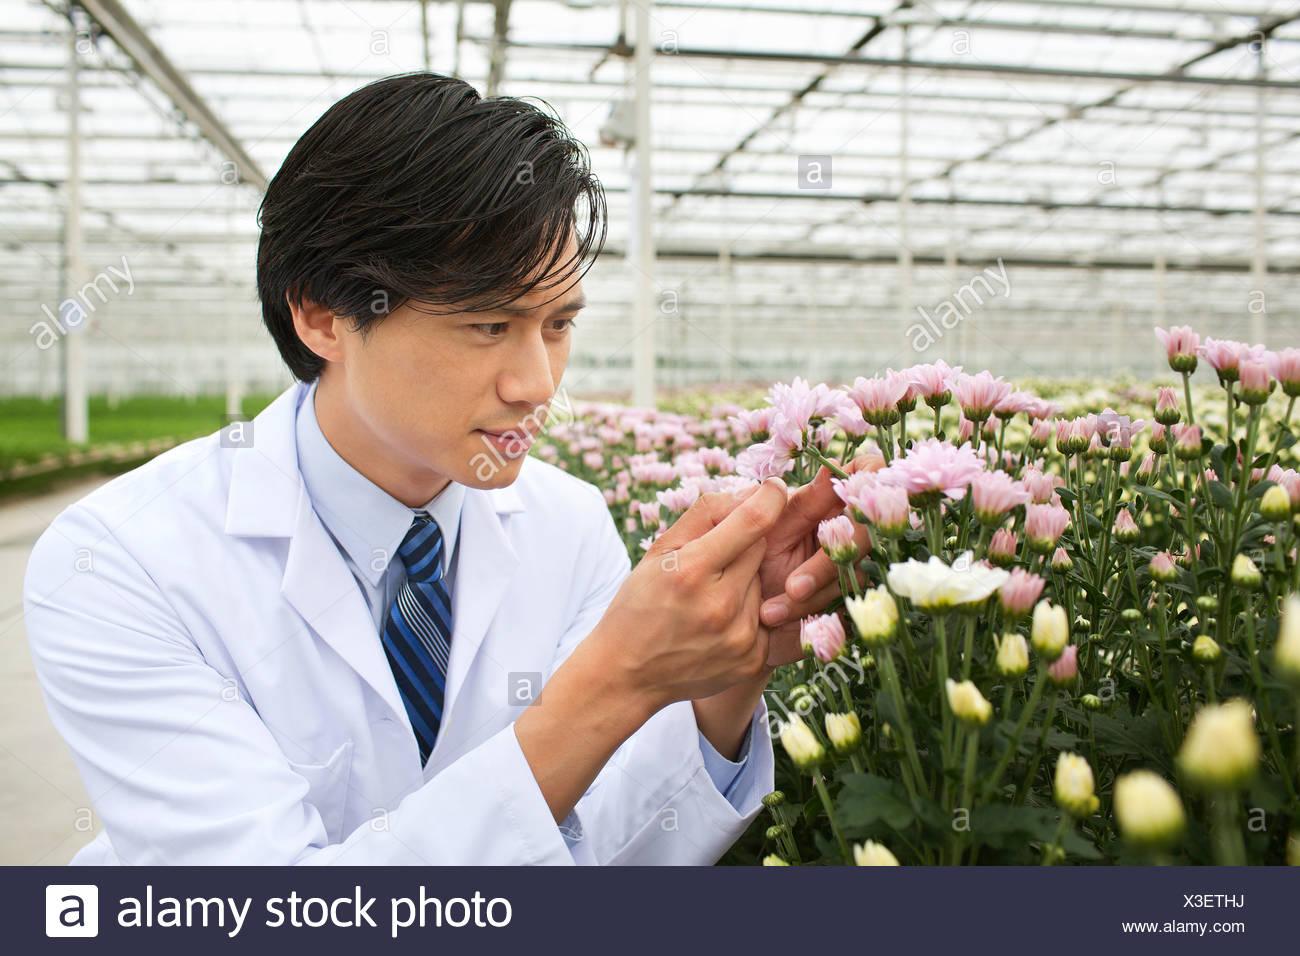 L'homme à la recherche de plantes poussant dans les émissions de Photo Stock